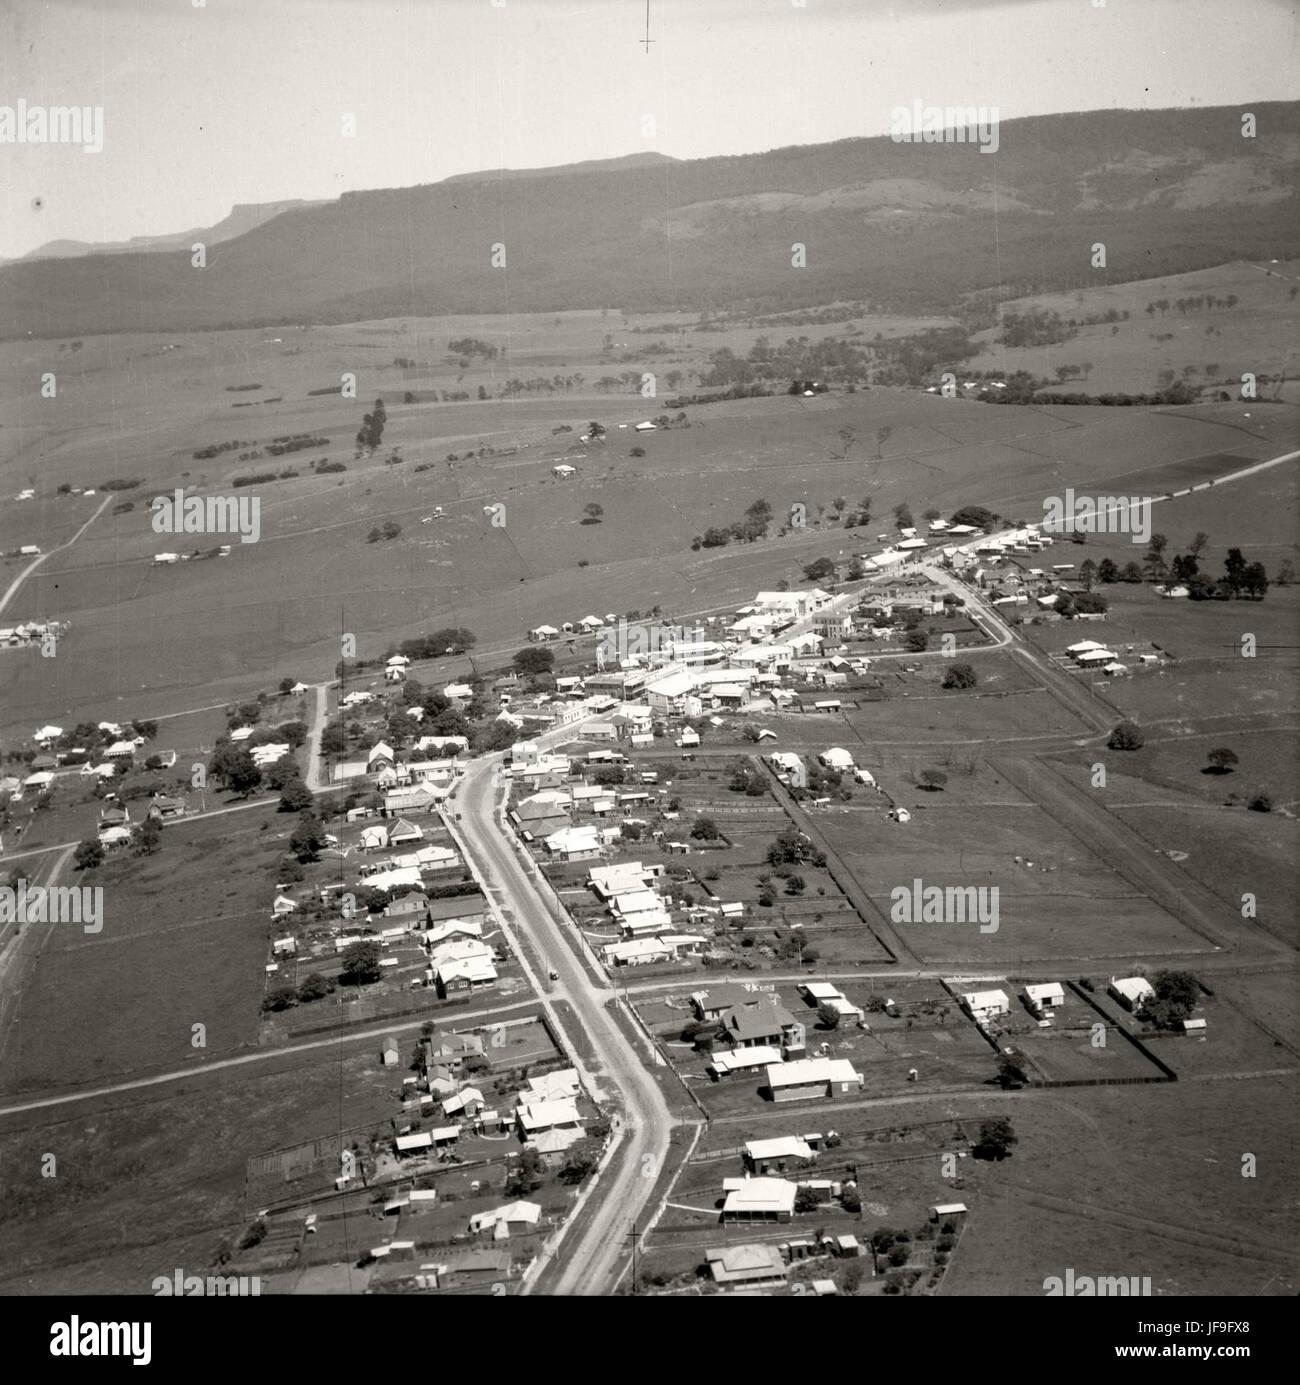 Milton - 17 Nov 1937 29535056303 o - Stock Image